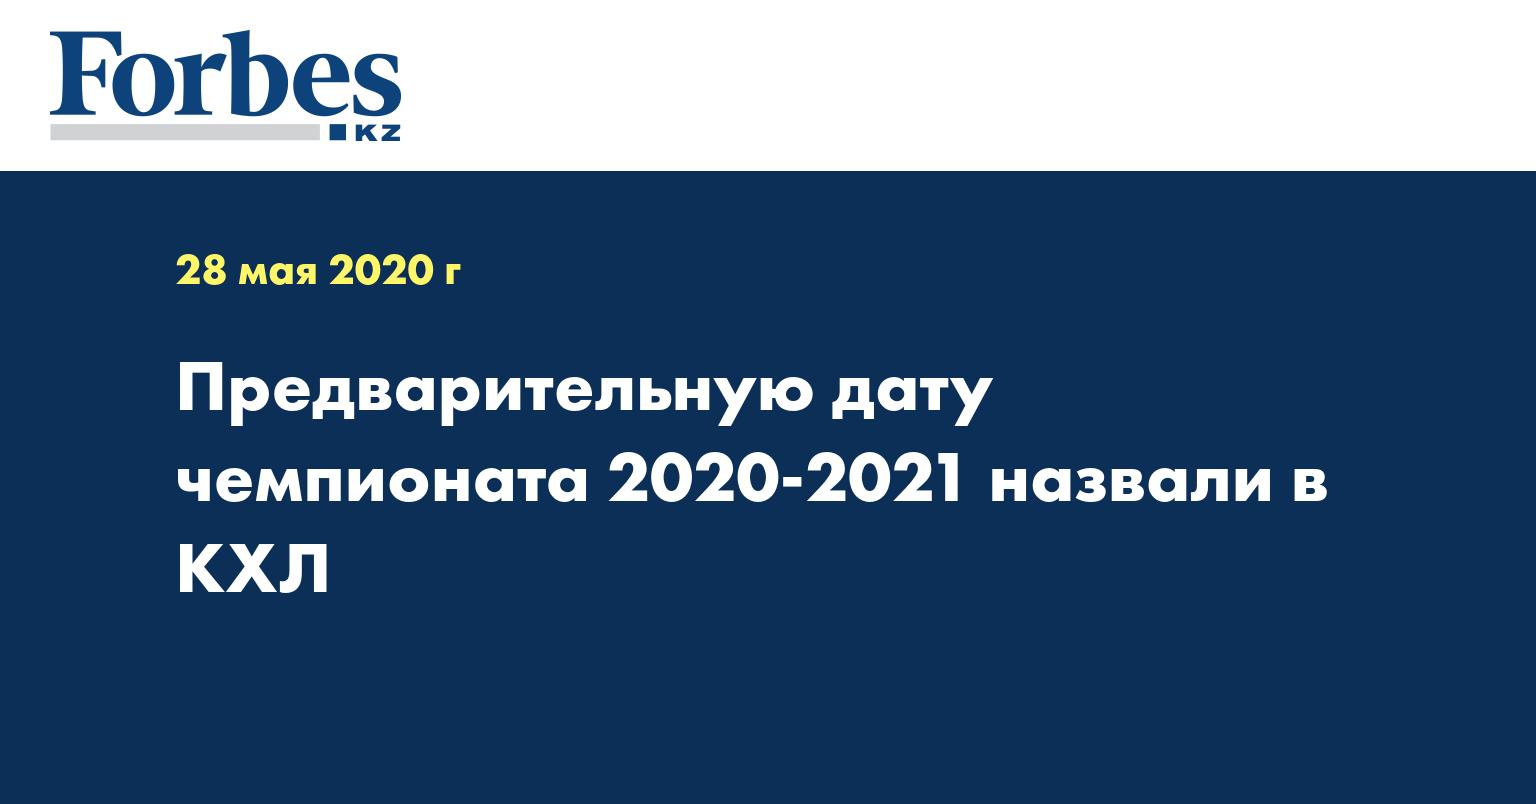 Предварительную дату чемпионата 2020-2021 назвали в КХЛ